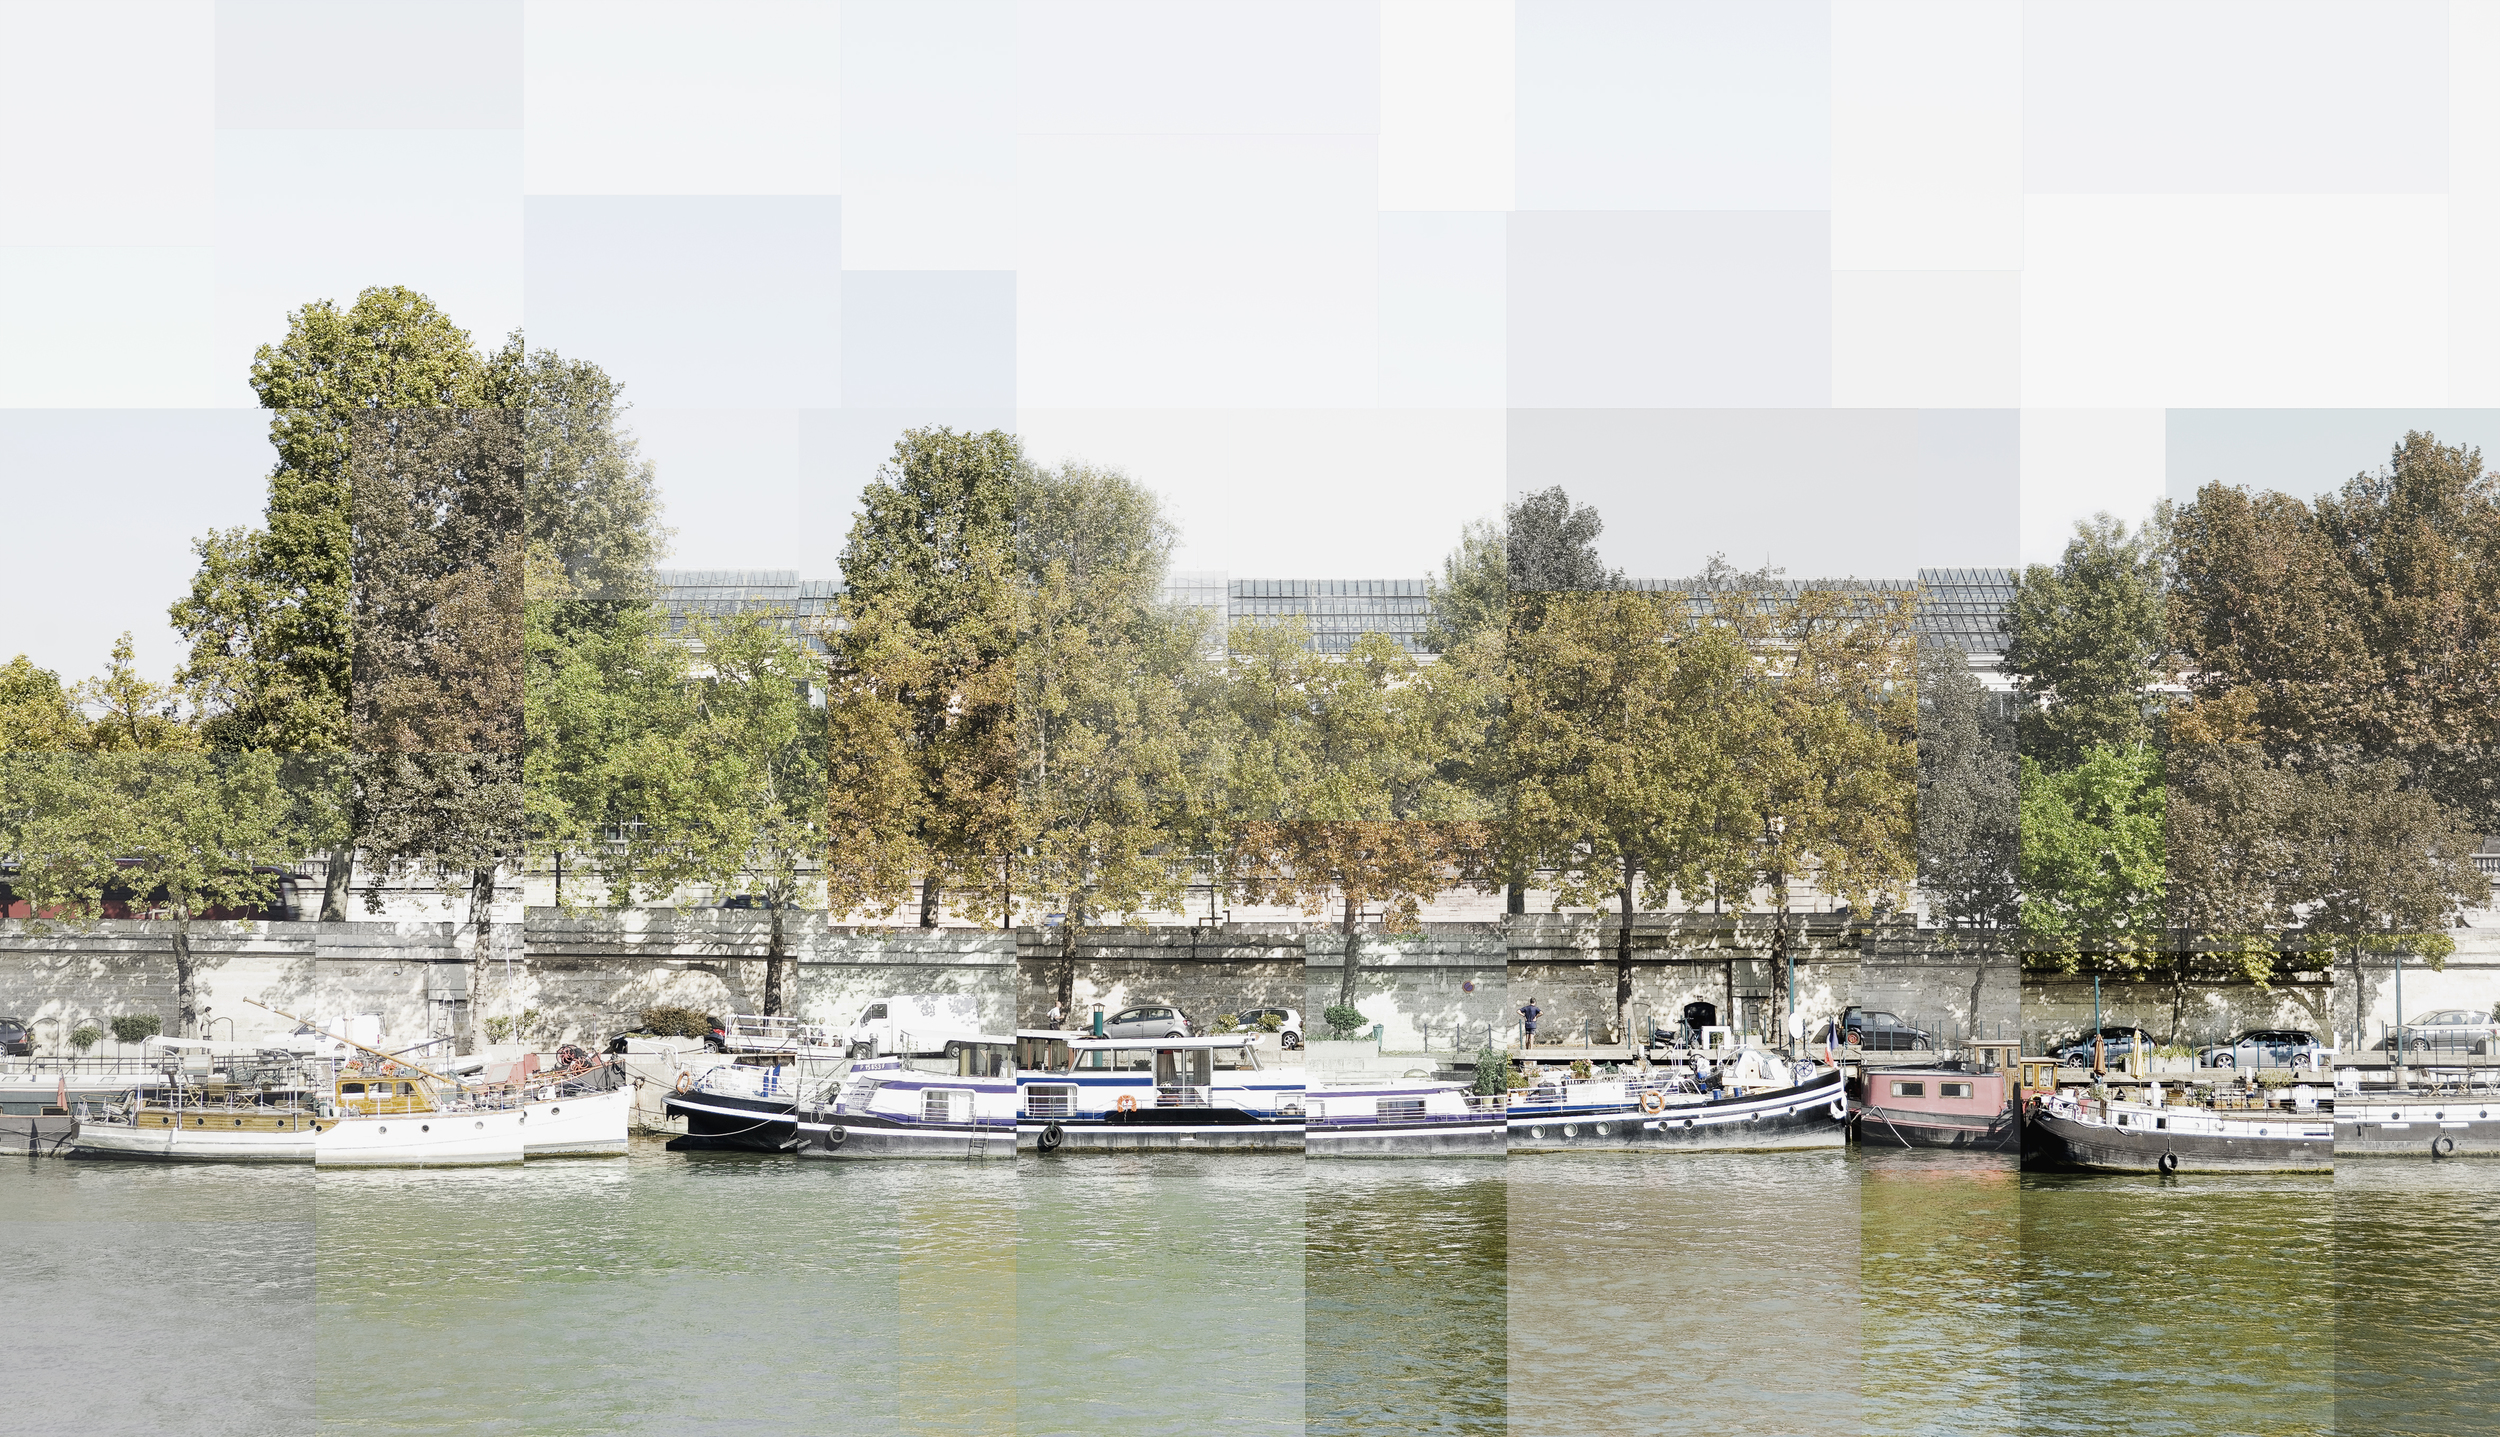 SENA, PARIS